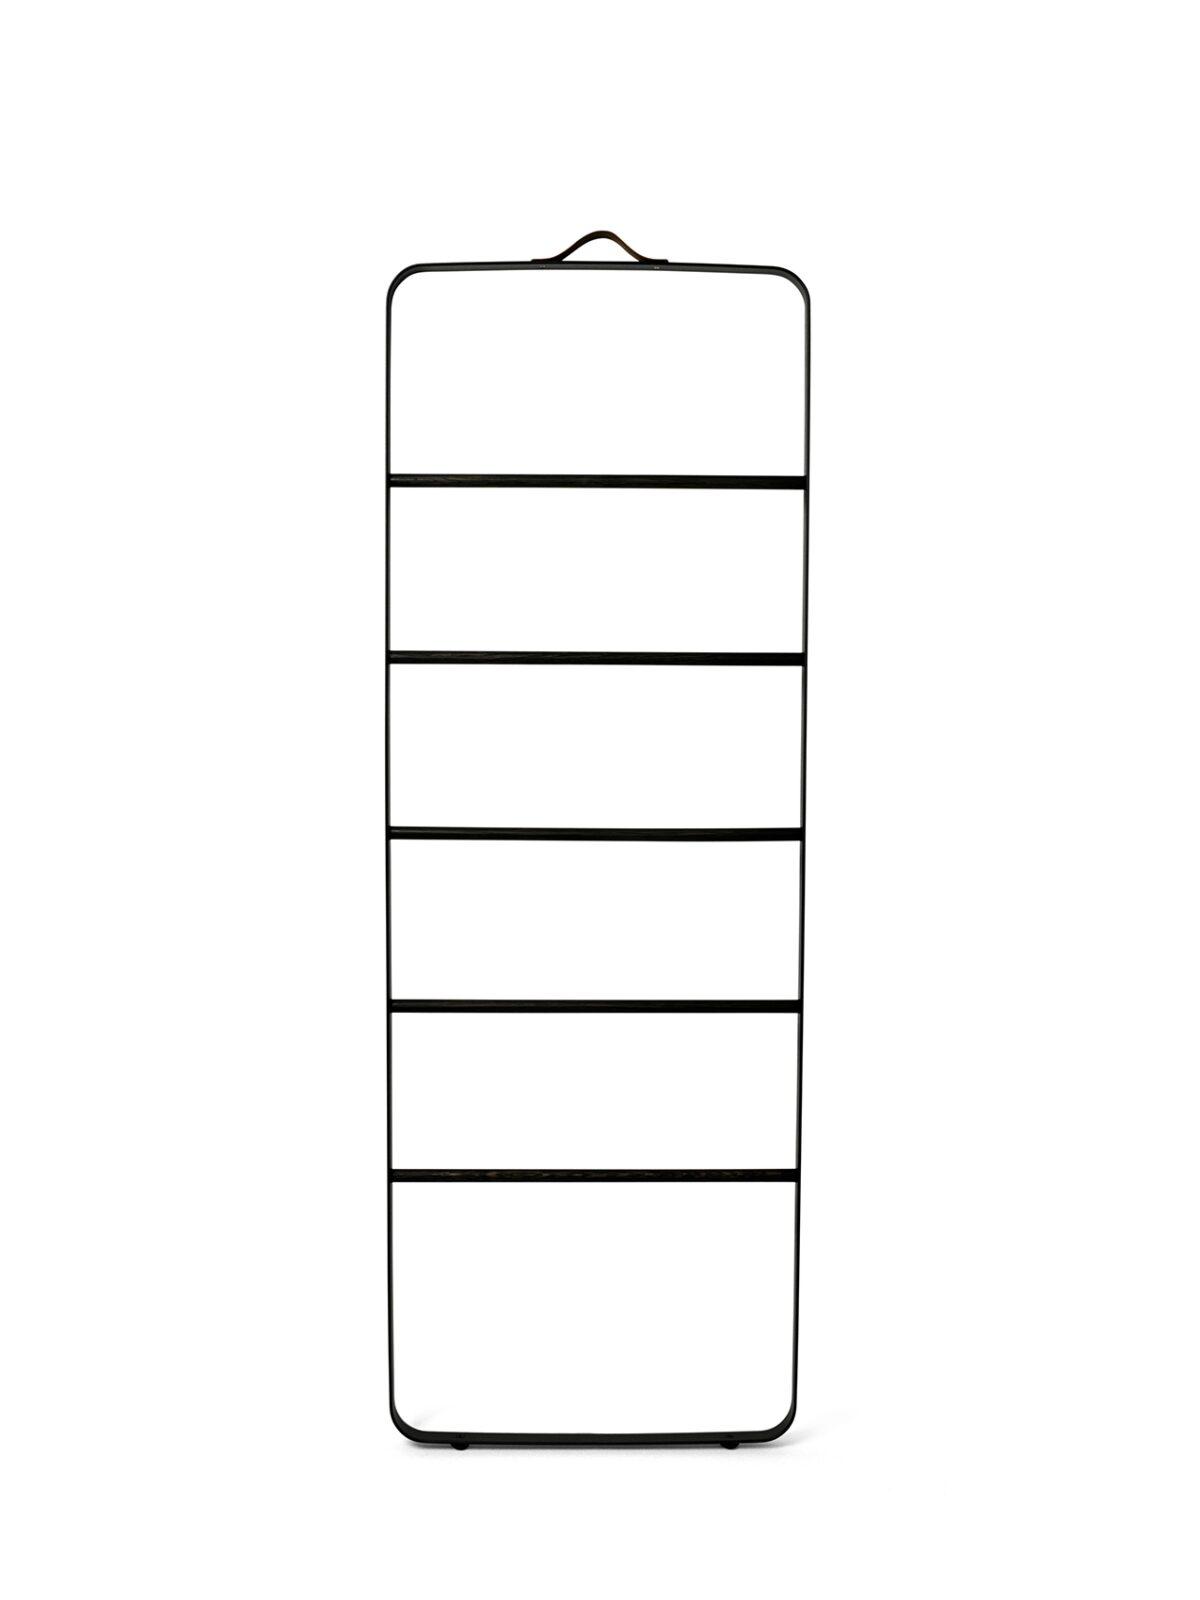 7800579 Towel Ladder Black2019 06 25 13 51 23 279 1